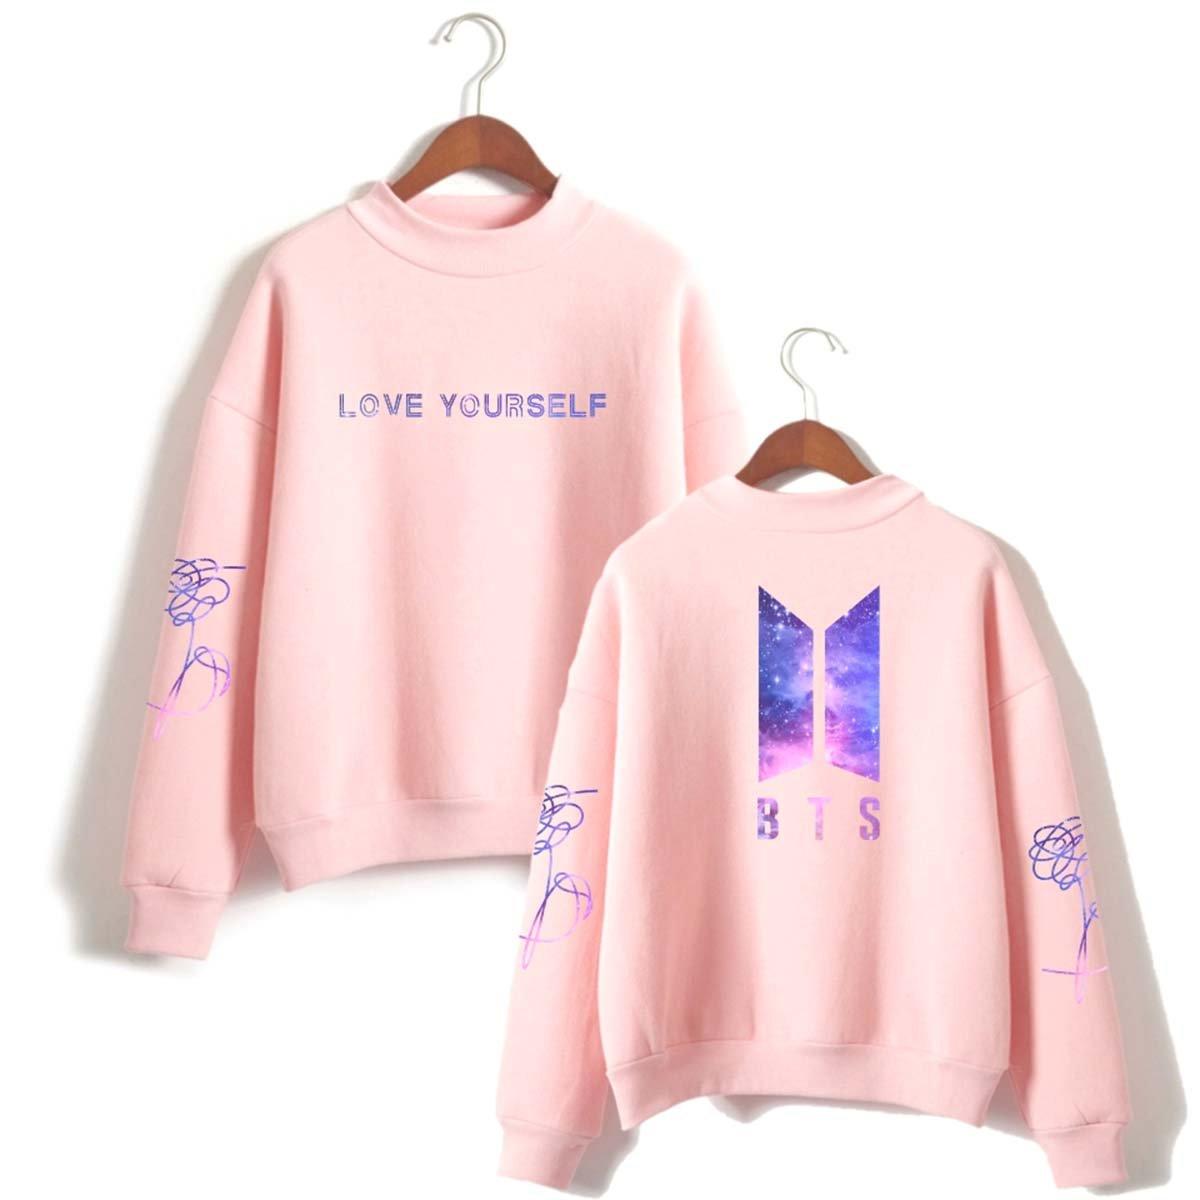 SIMYJOY Mujere BTS Fans Estrellado Sudaderas Love Yourself Niñas Cool Casual Linda Jersey Loose Fitting Top rojo 4XL: Amazon.es: Libros